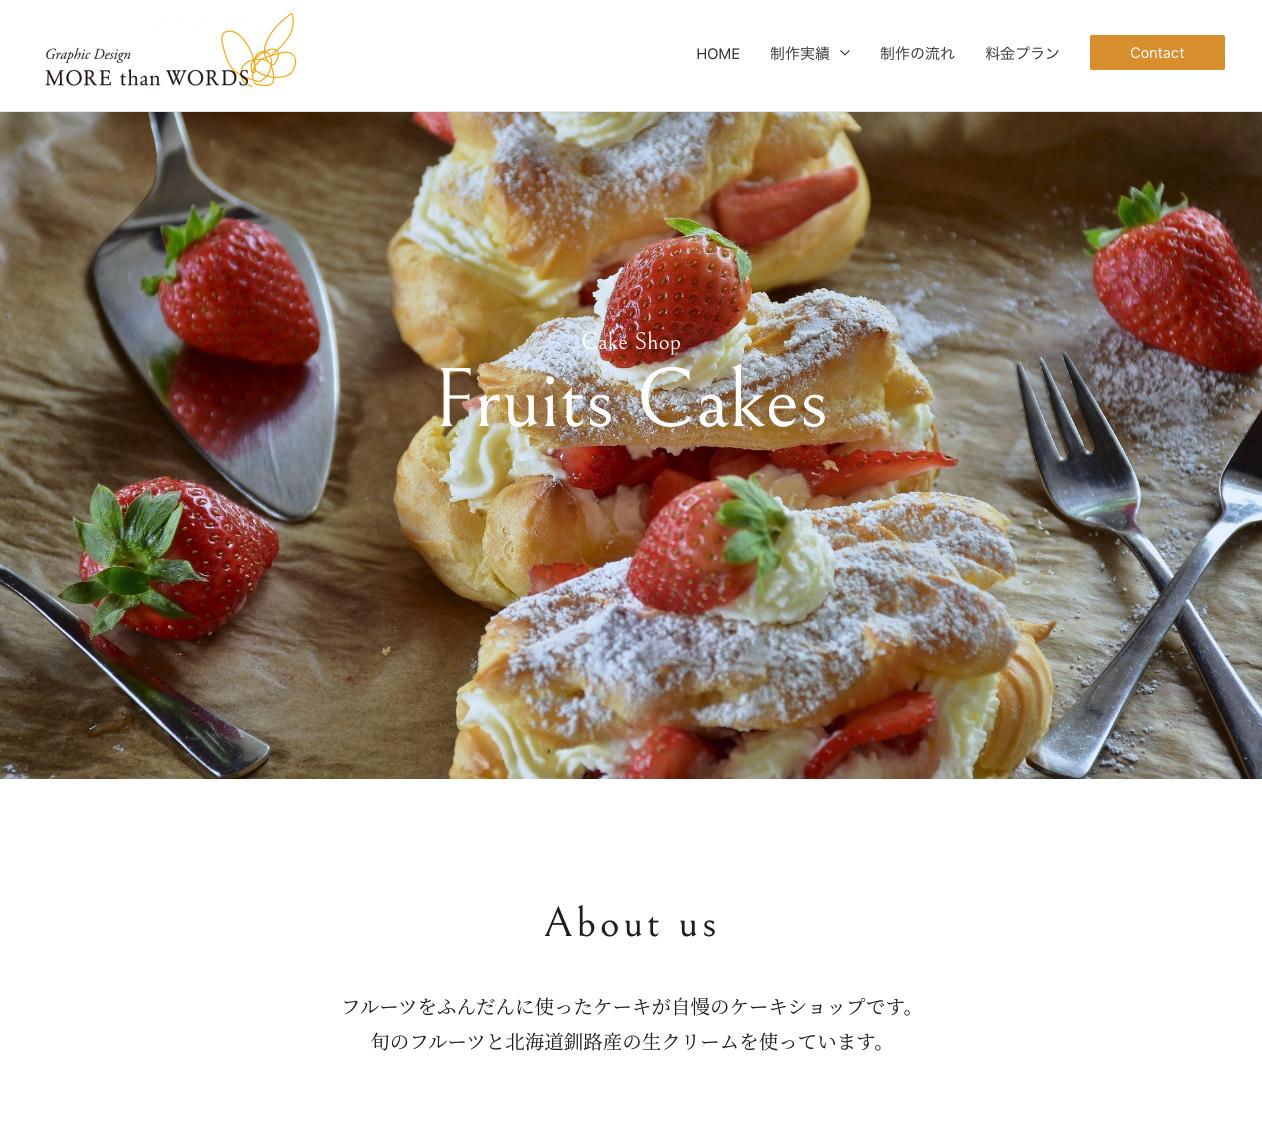 参考サイト(ケーキ屋)